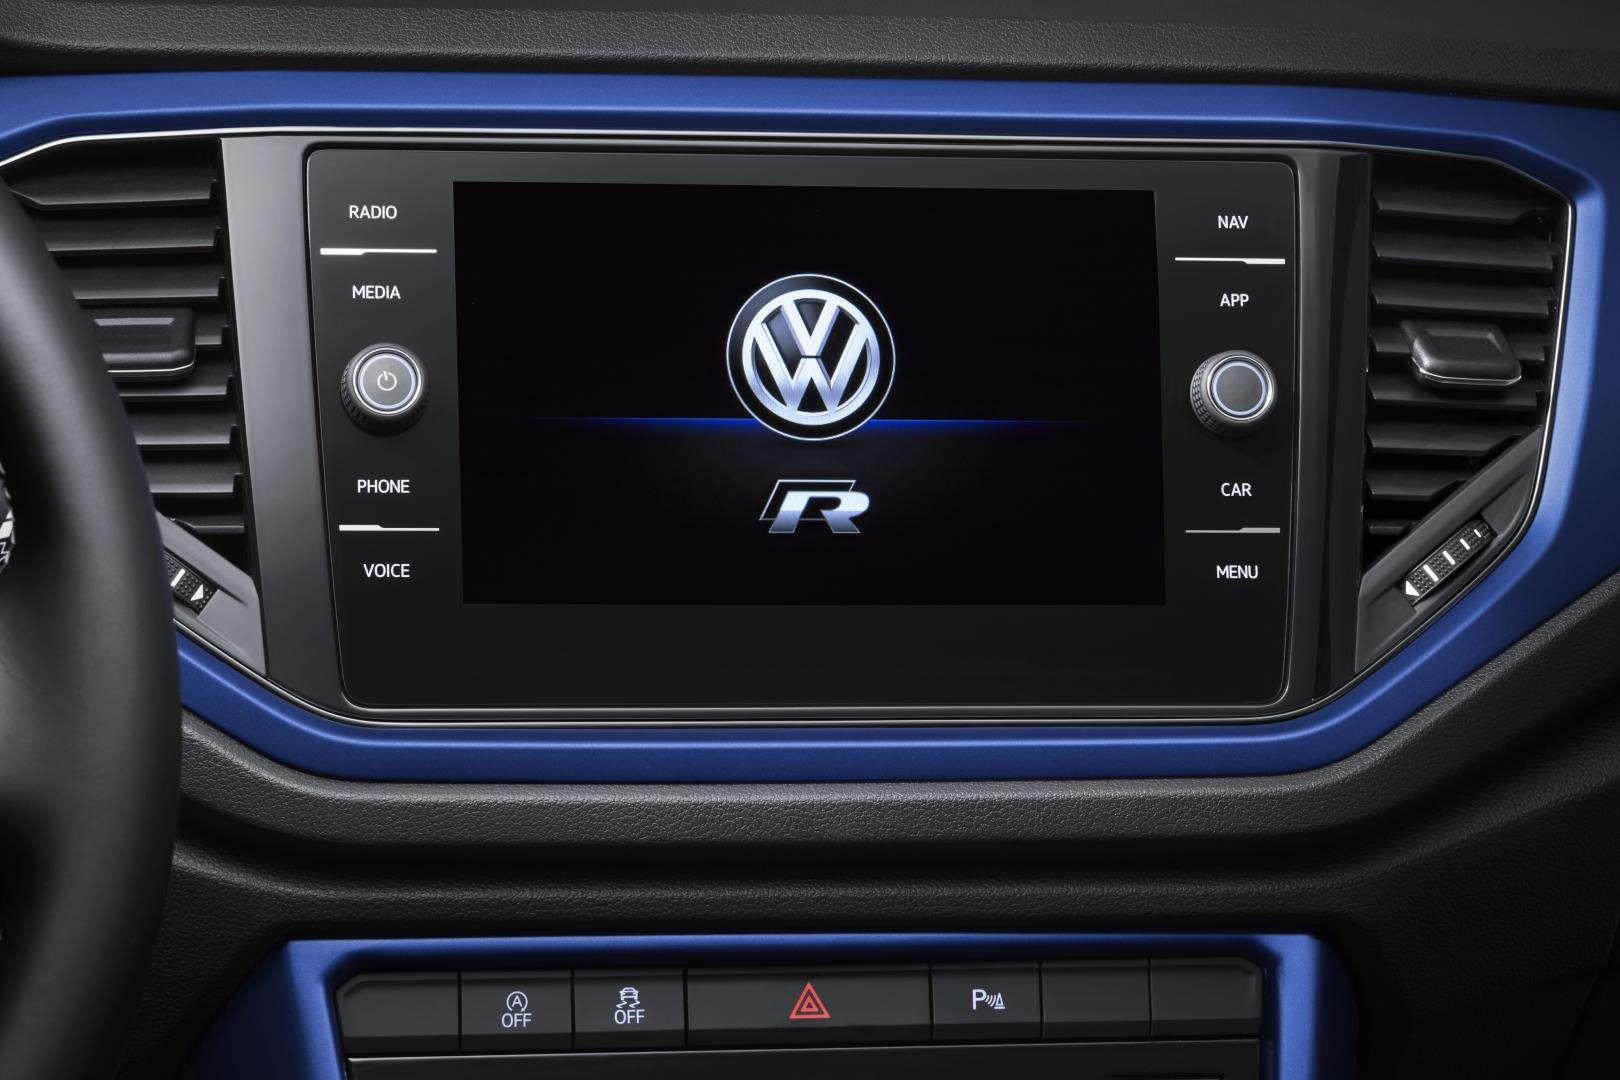 Volkswagen T-Roc R 2019 navigatie scherm